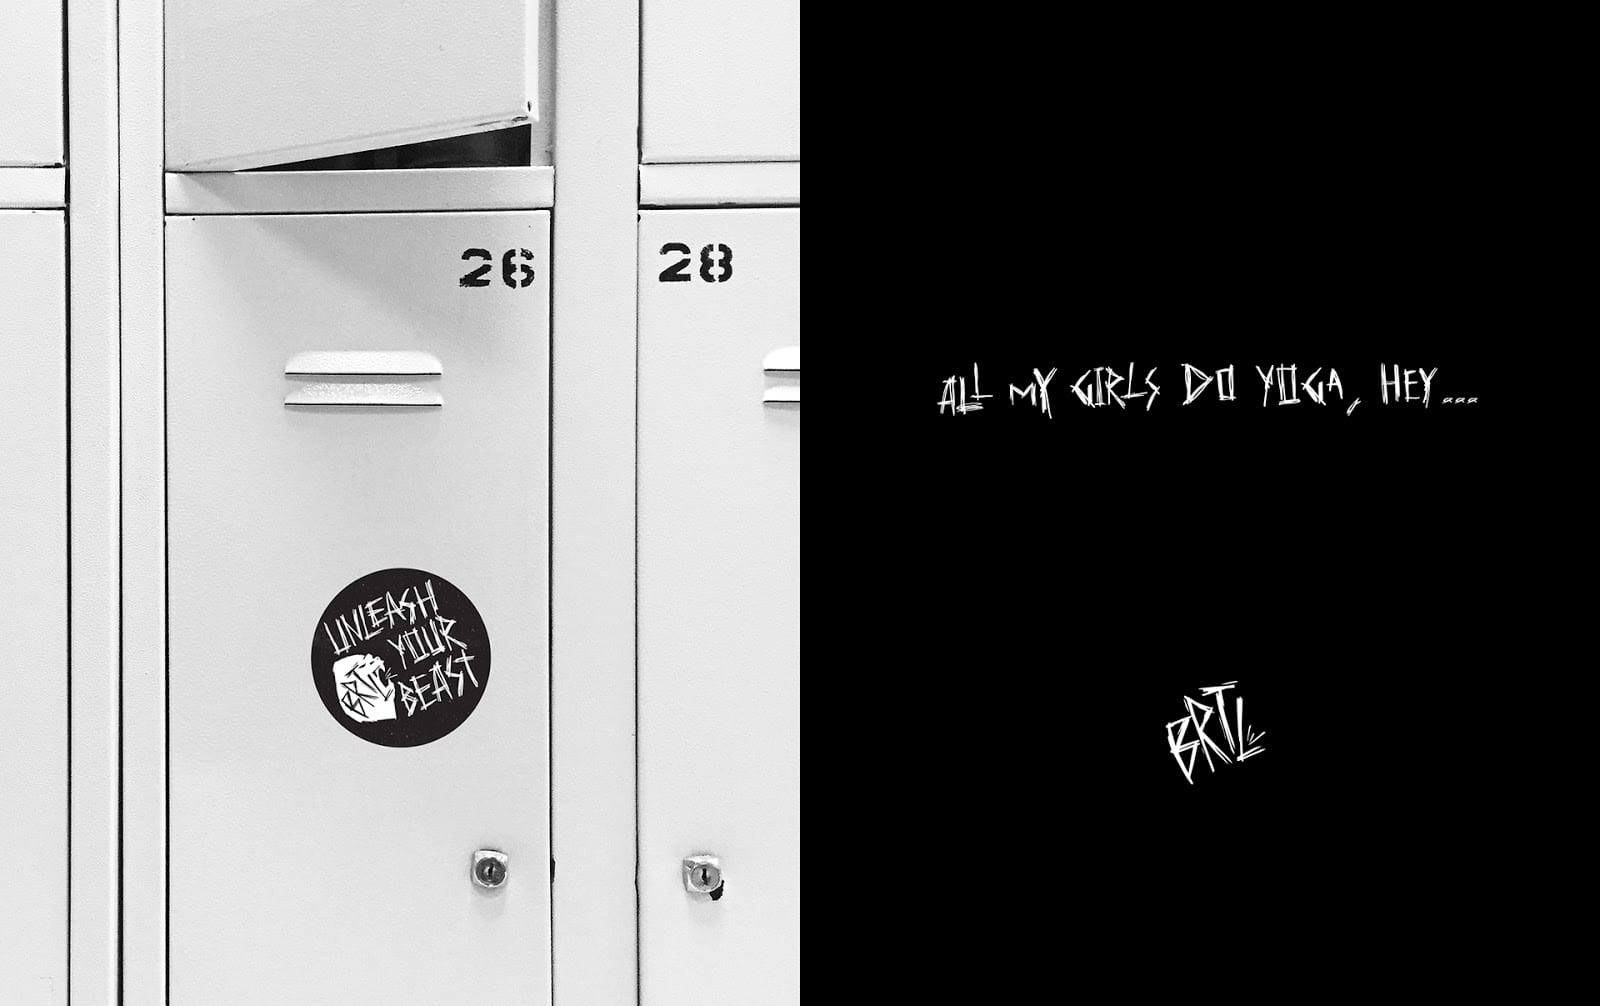 BRTL 6 - Ach, tie obaly – BRTL by Brutal